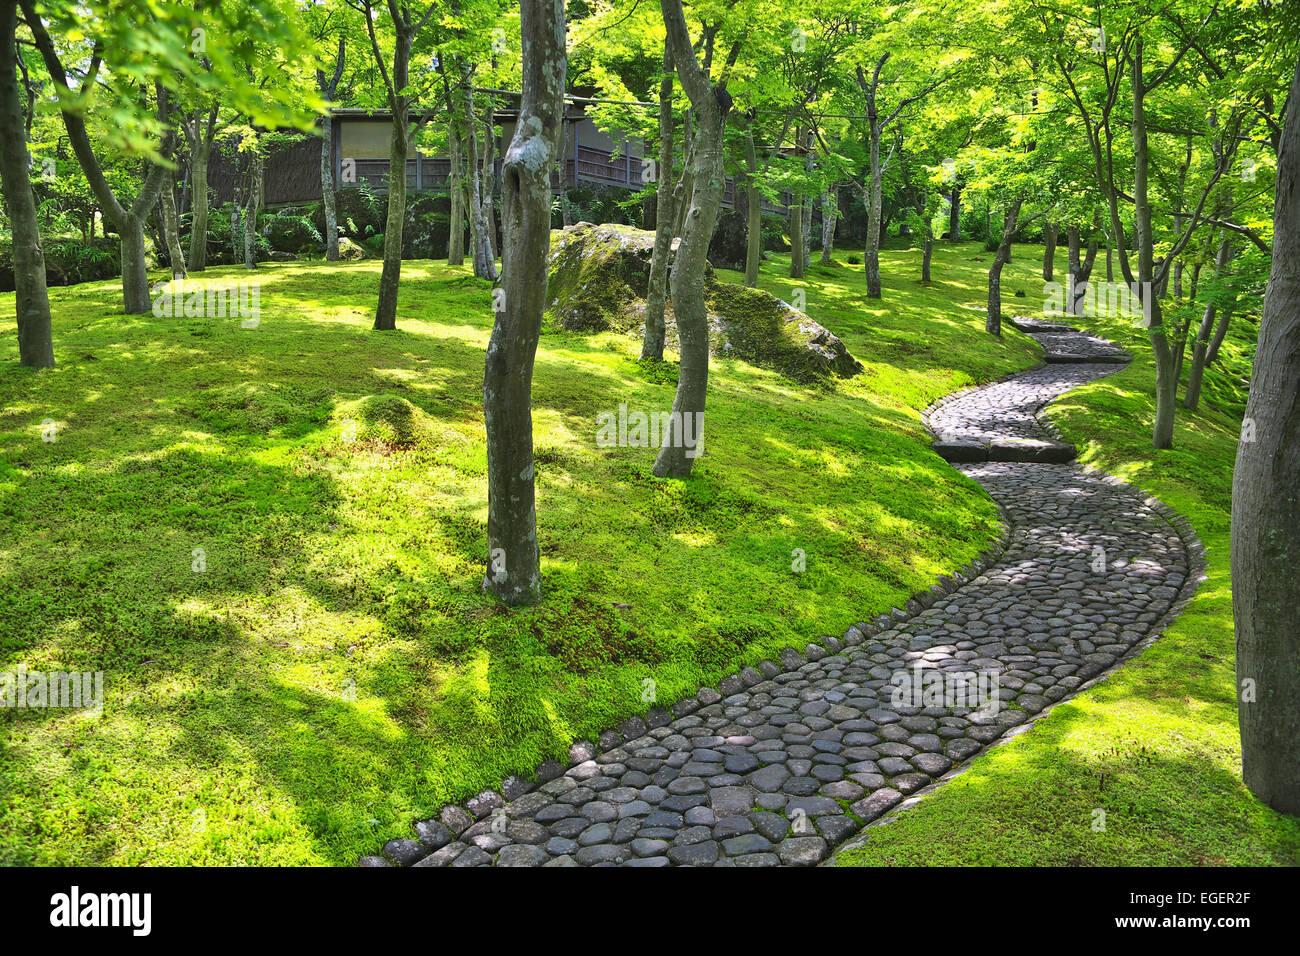 Kanagawa Prefecture, Japan - Stock Image